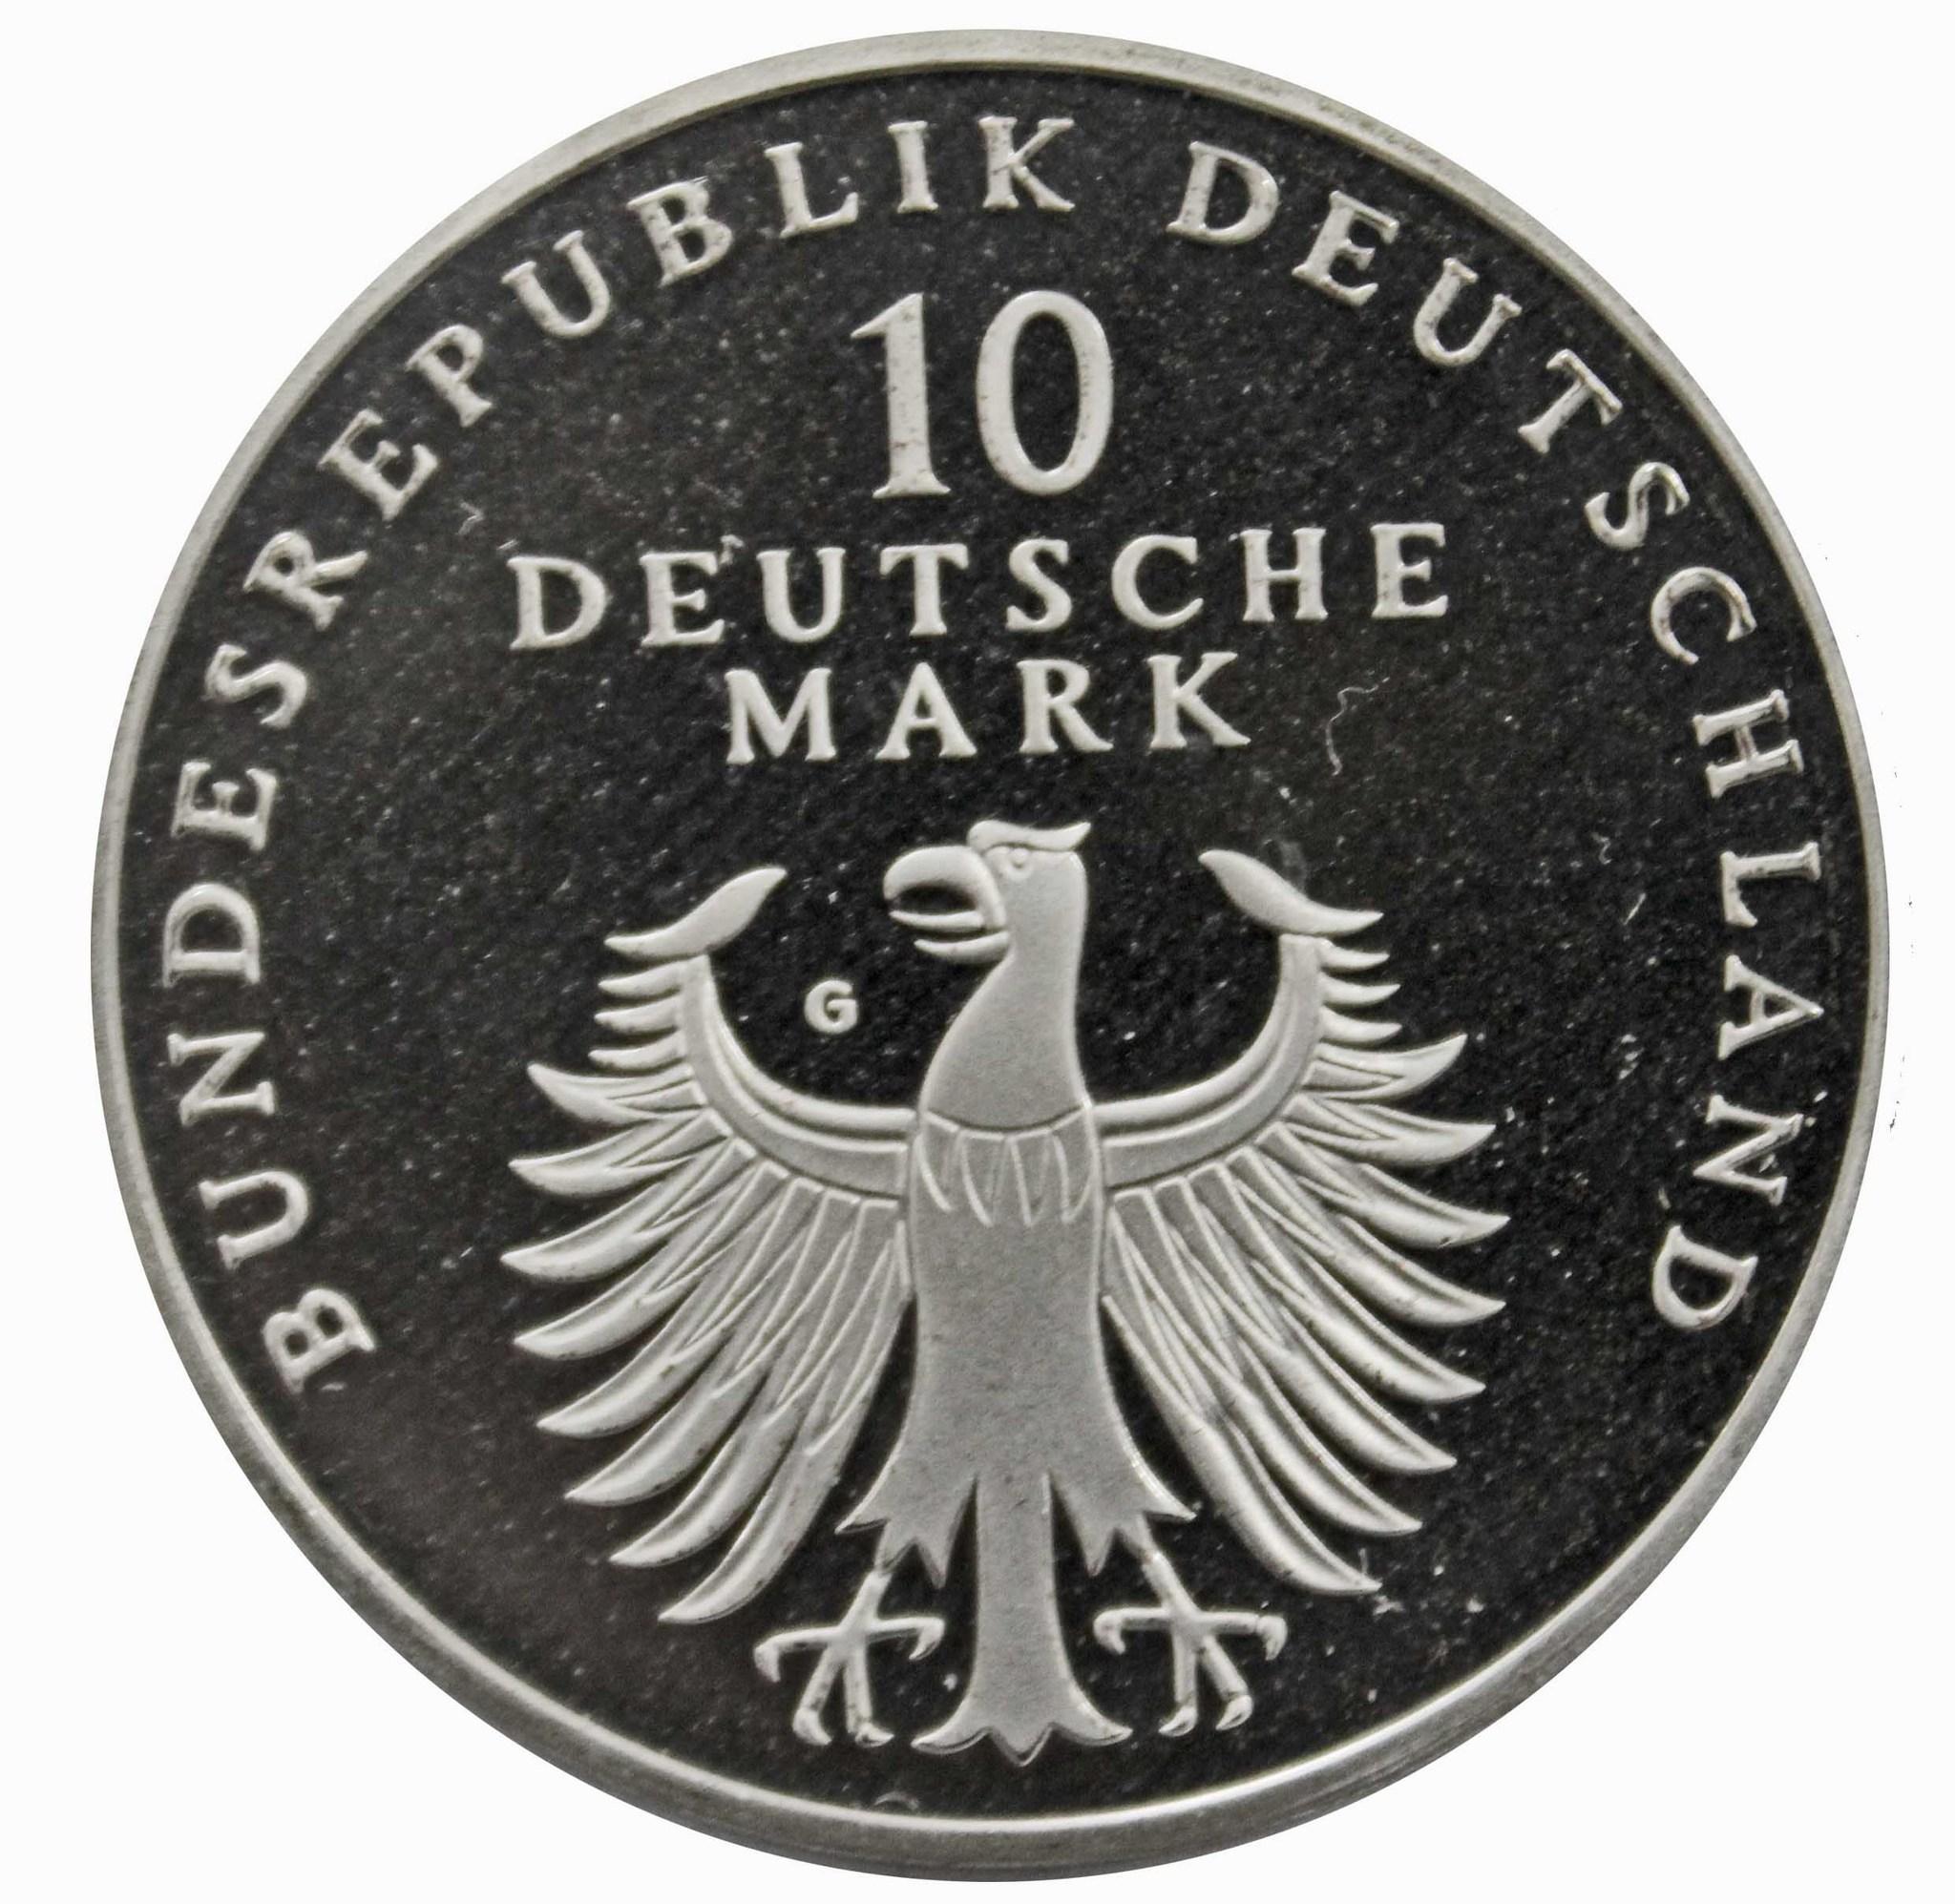 10 марок. 50 лет Немецкой марке (G). Серебро. 1998 г. PROOF. В родной запайке